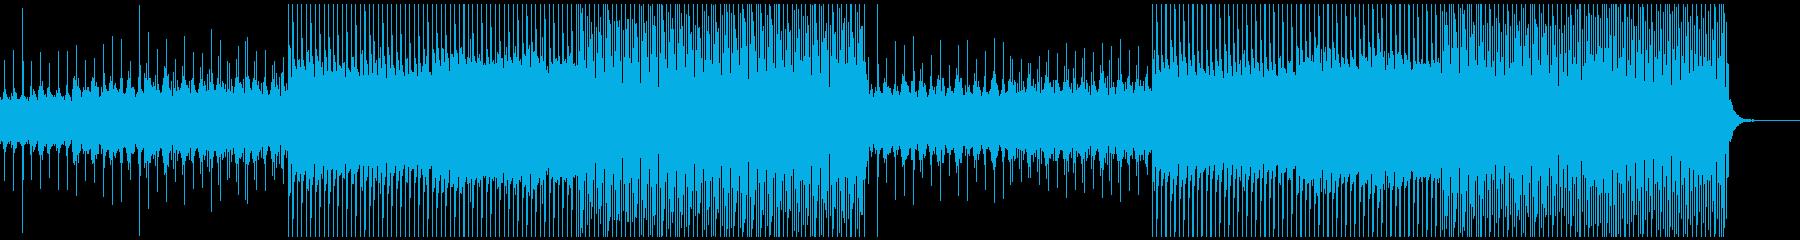 エレキギターがきれいめな聴きやすいテクノの再生済みの波形